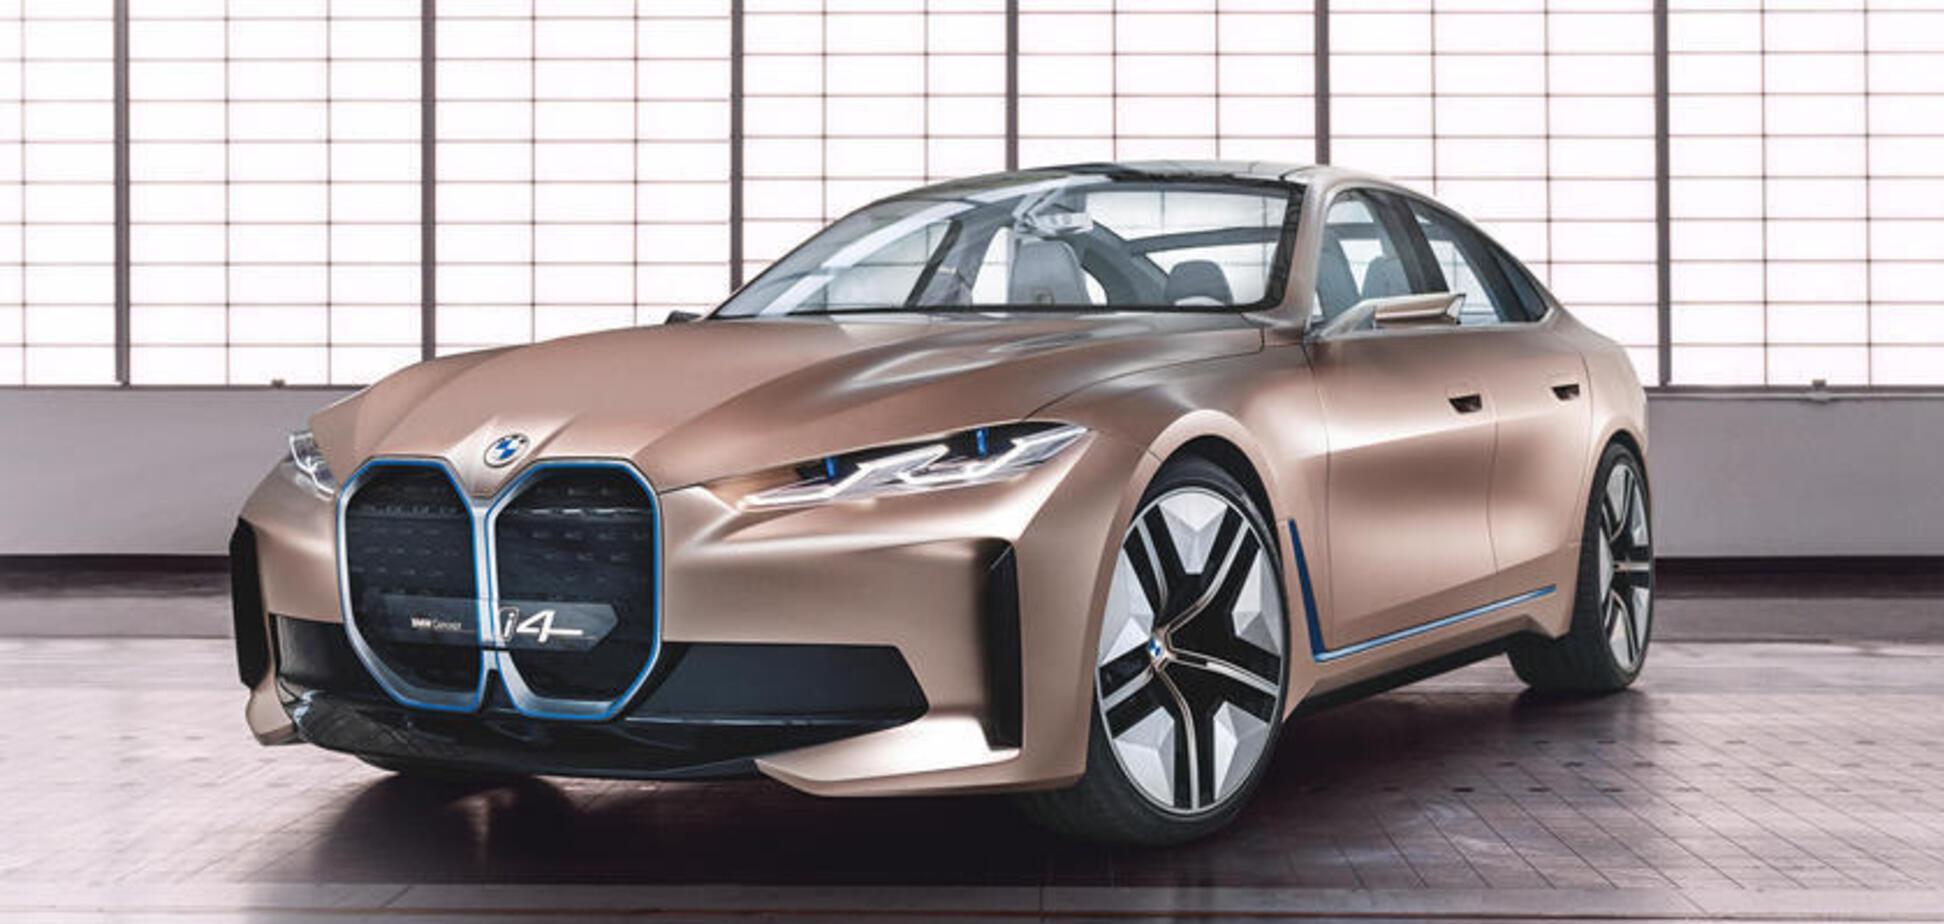 Электрический седан BMW i4 на шаг ближе к производству. Источник: Фото: BMW